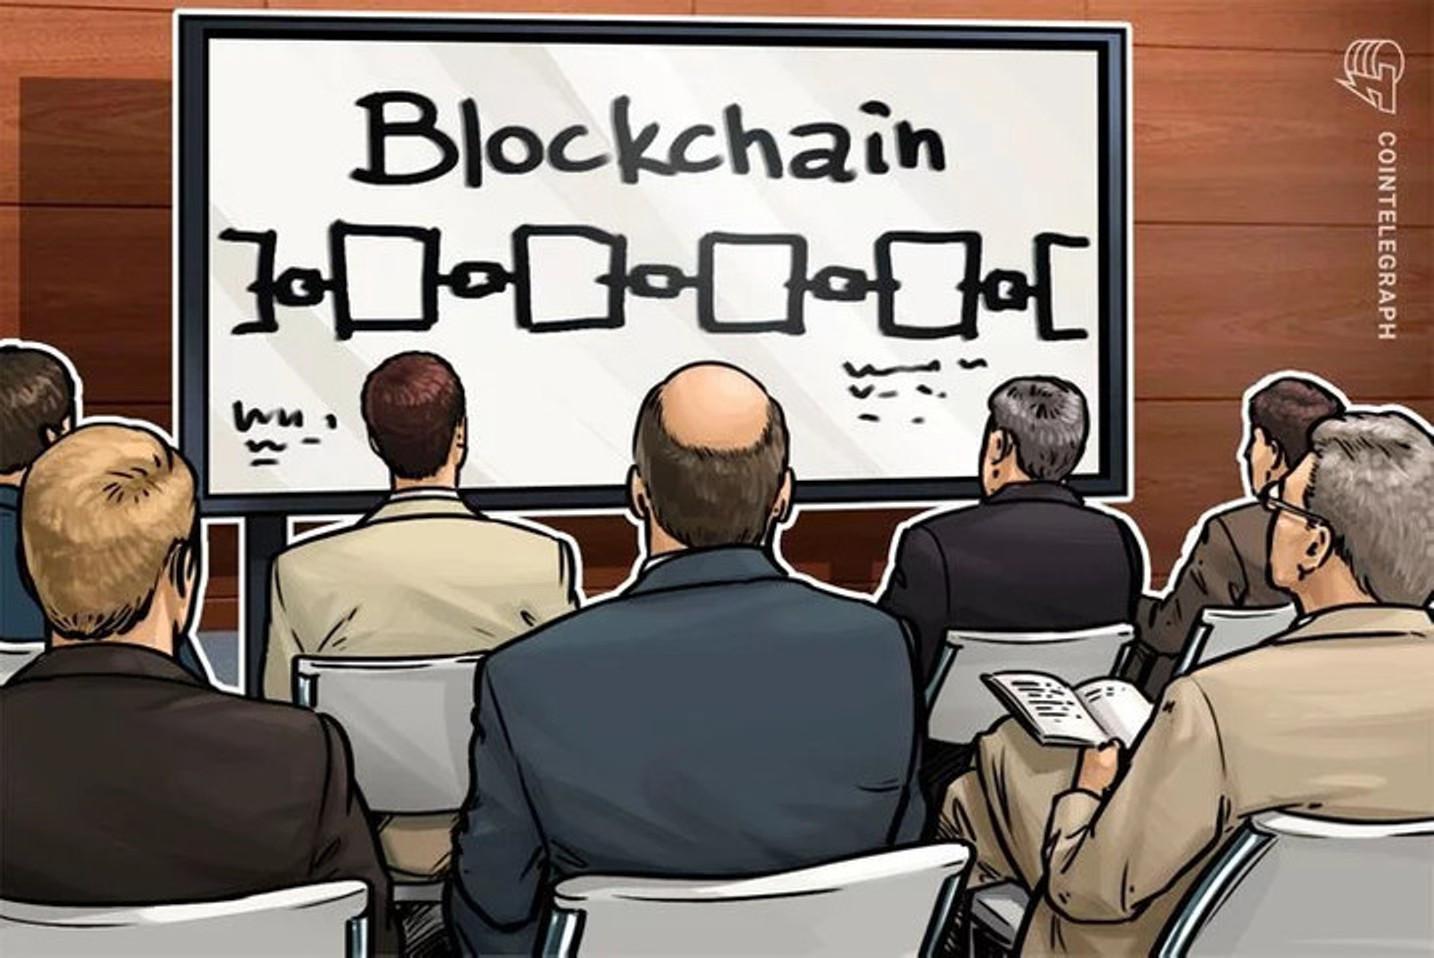 Ministério de Ciencia e Tecnologia estuda uso de blockchain em consultas médicas pela internet